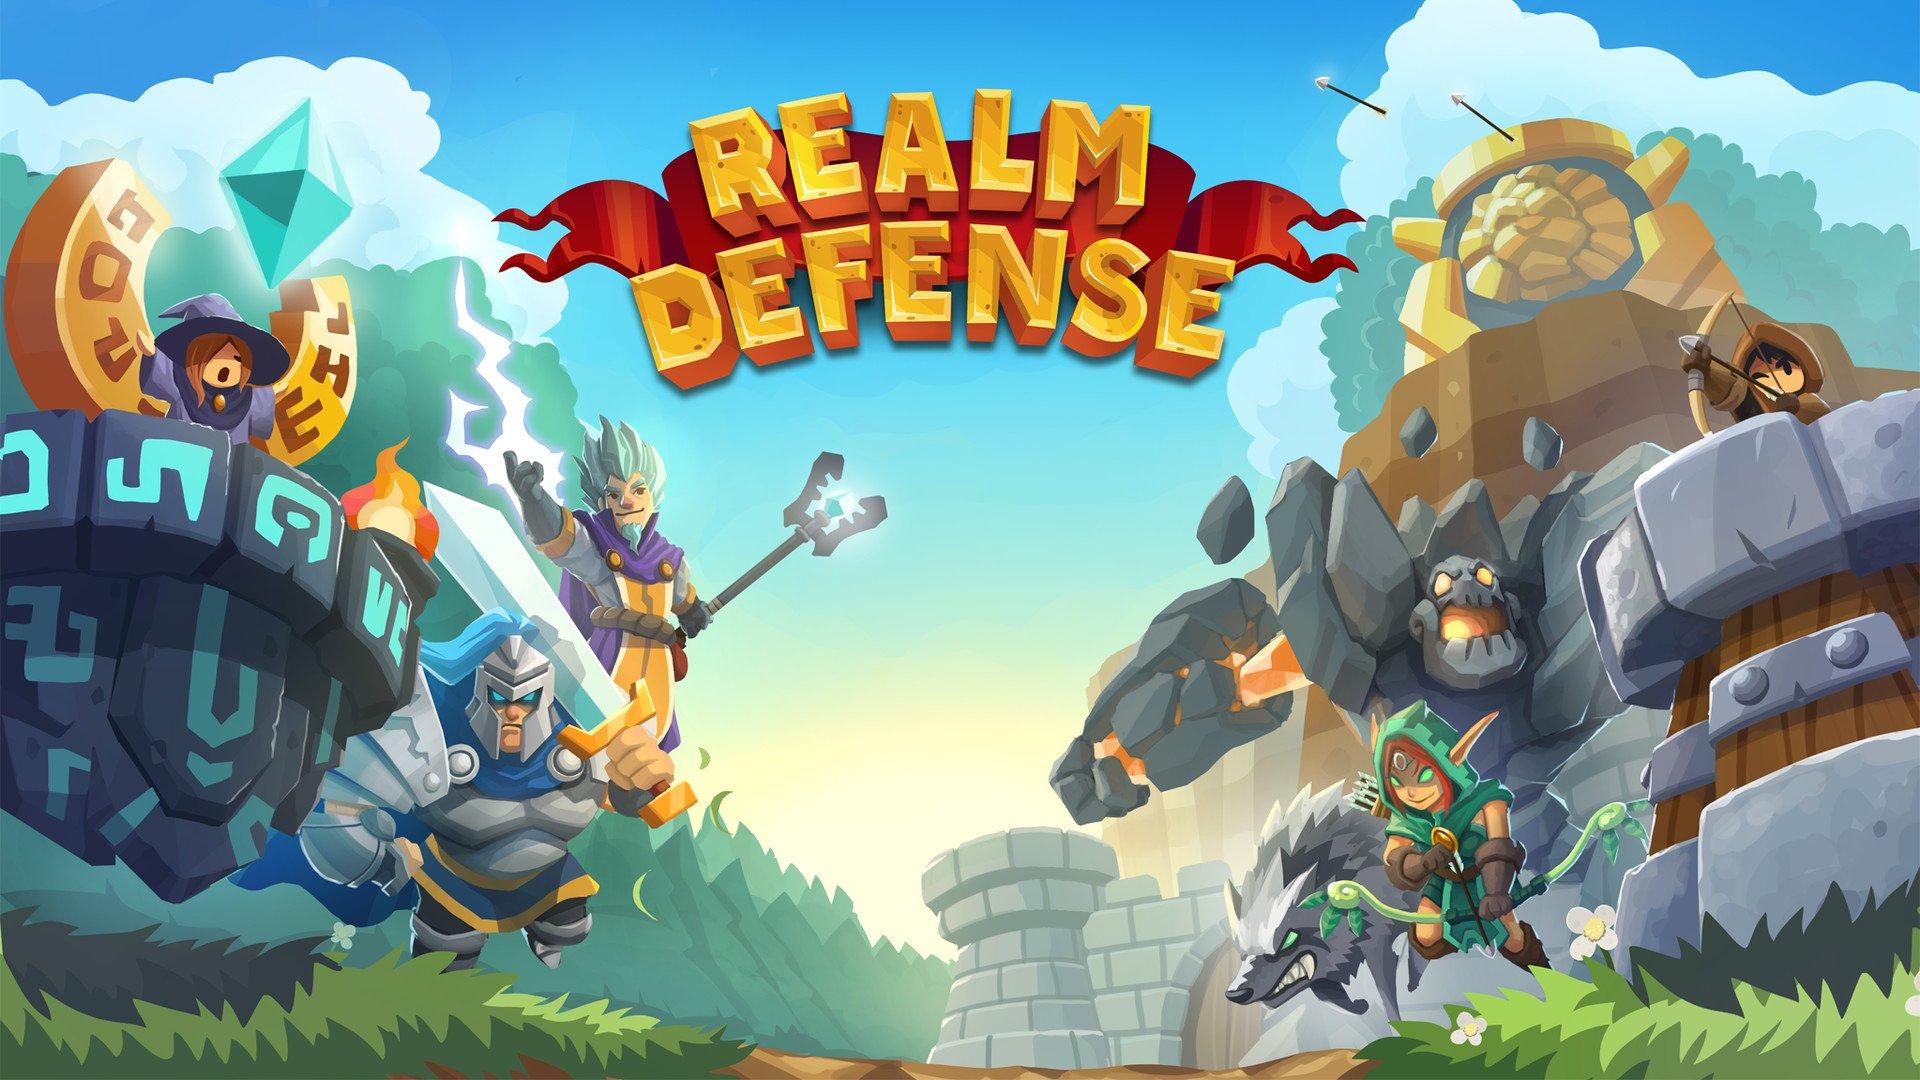 تحميل العبة الجميلة Realm Defense اصدار 2021 كاملة 1